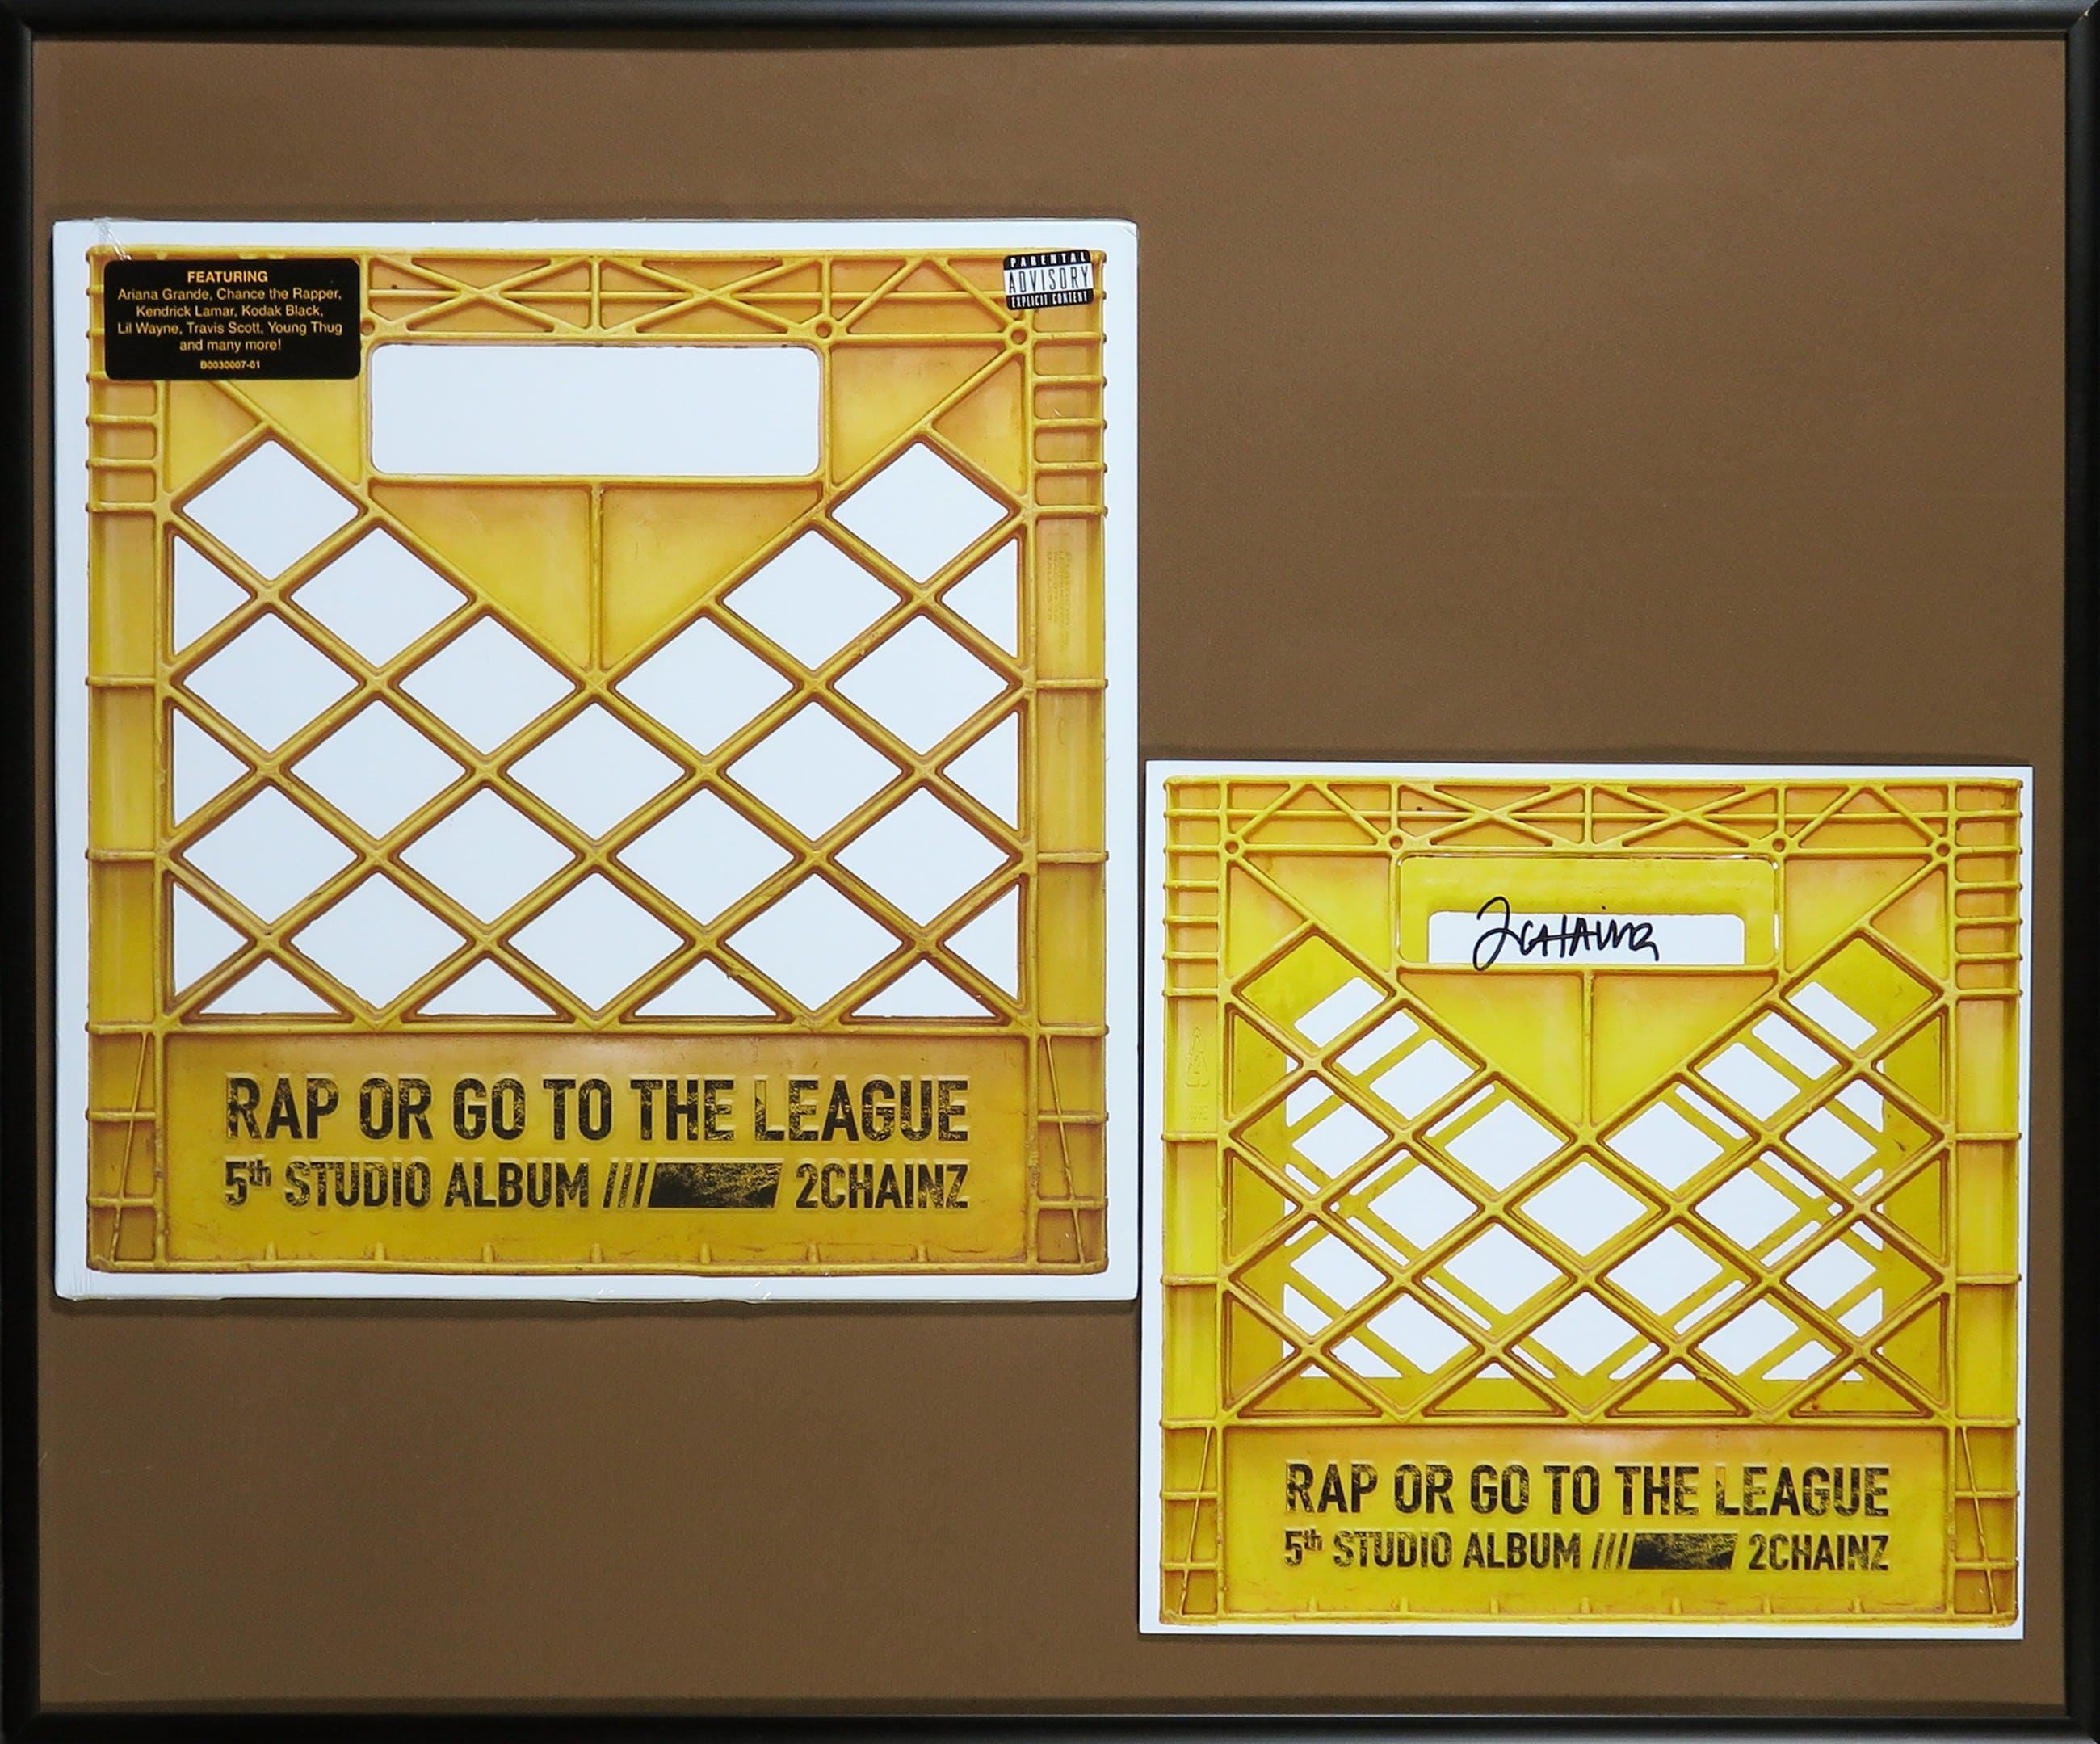 2 Chainz - Album Rap or go to the league met gesigneerde zeefdruk - Ingelijst kopen? Bied vanaf 1!